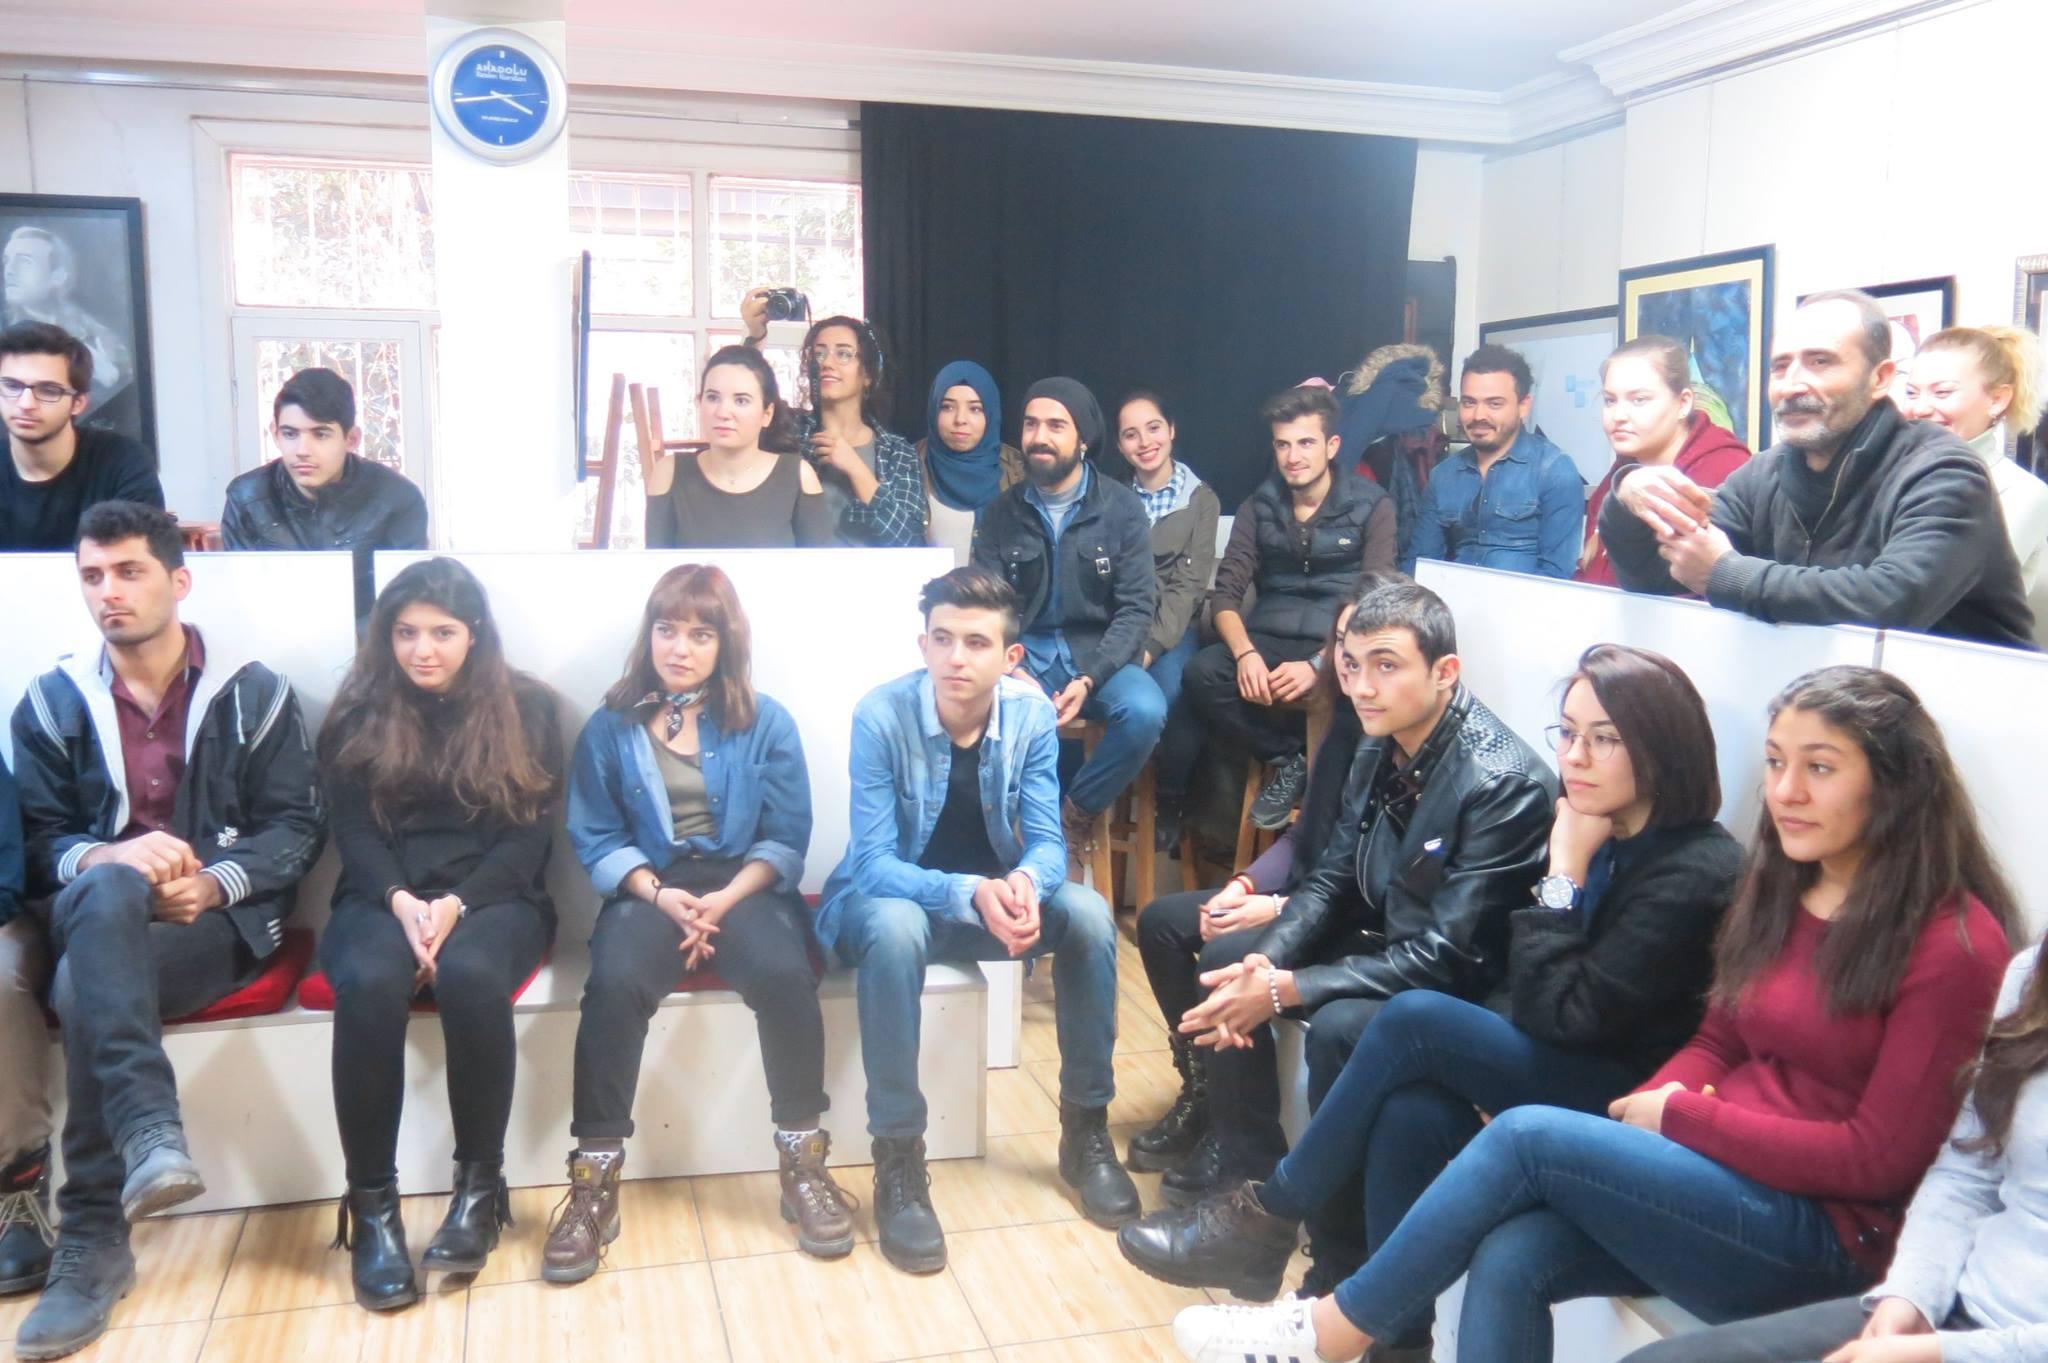 Ankarada Anadolu Sanatta Tanıştırma Kaynaştırma Etkinliği